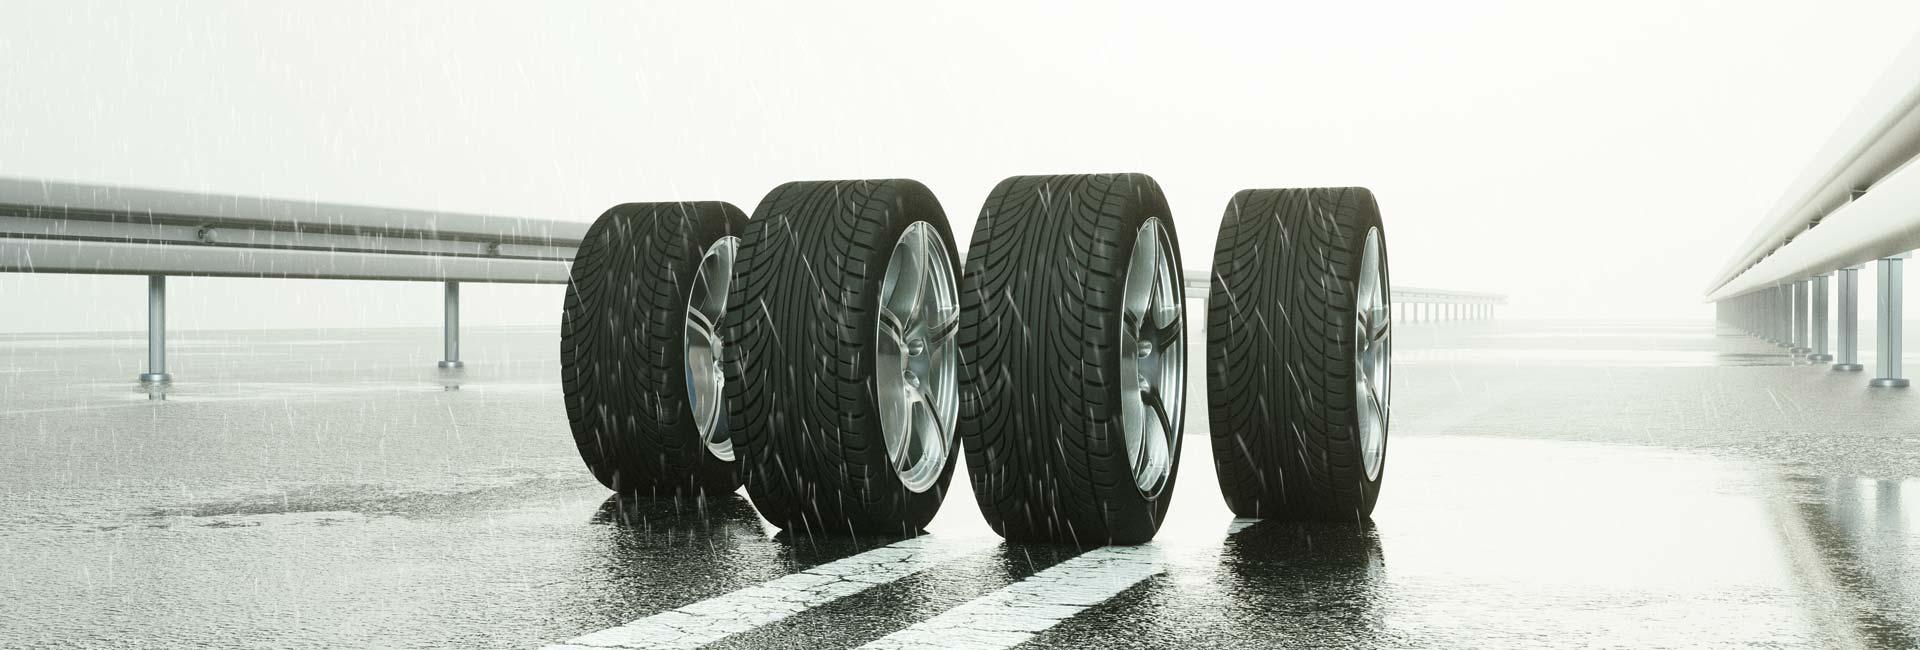 Doblhofer Reifen